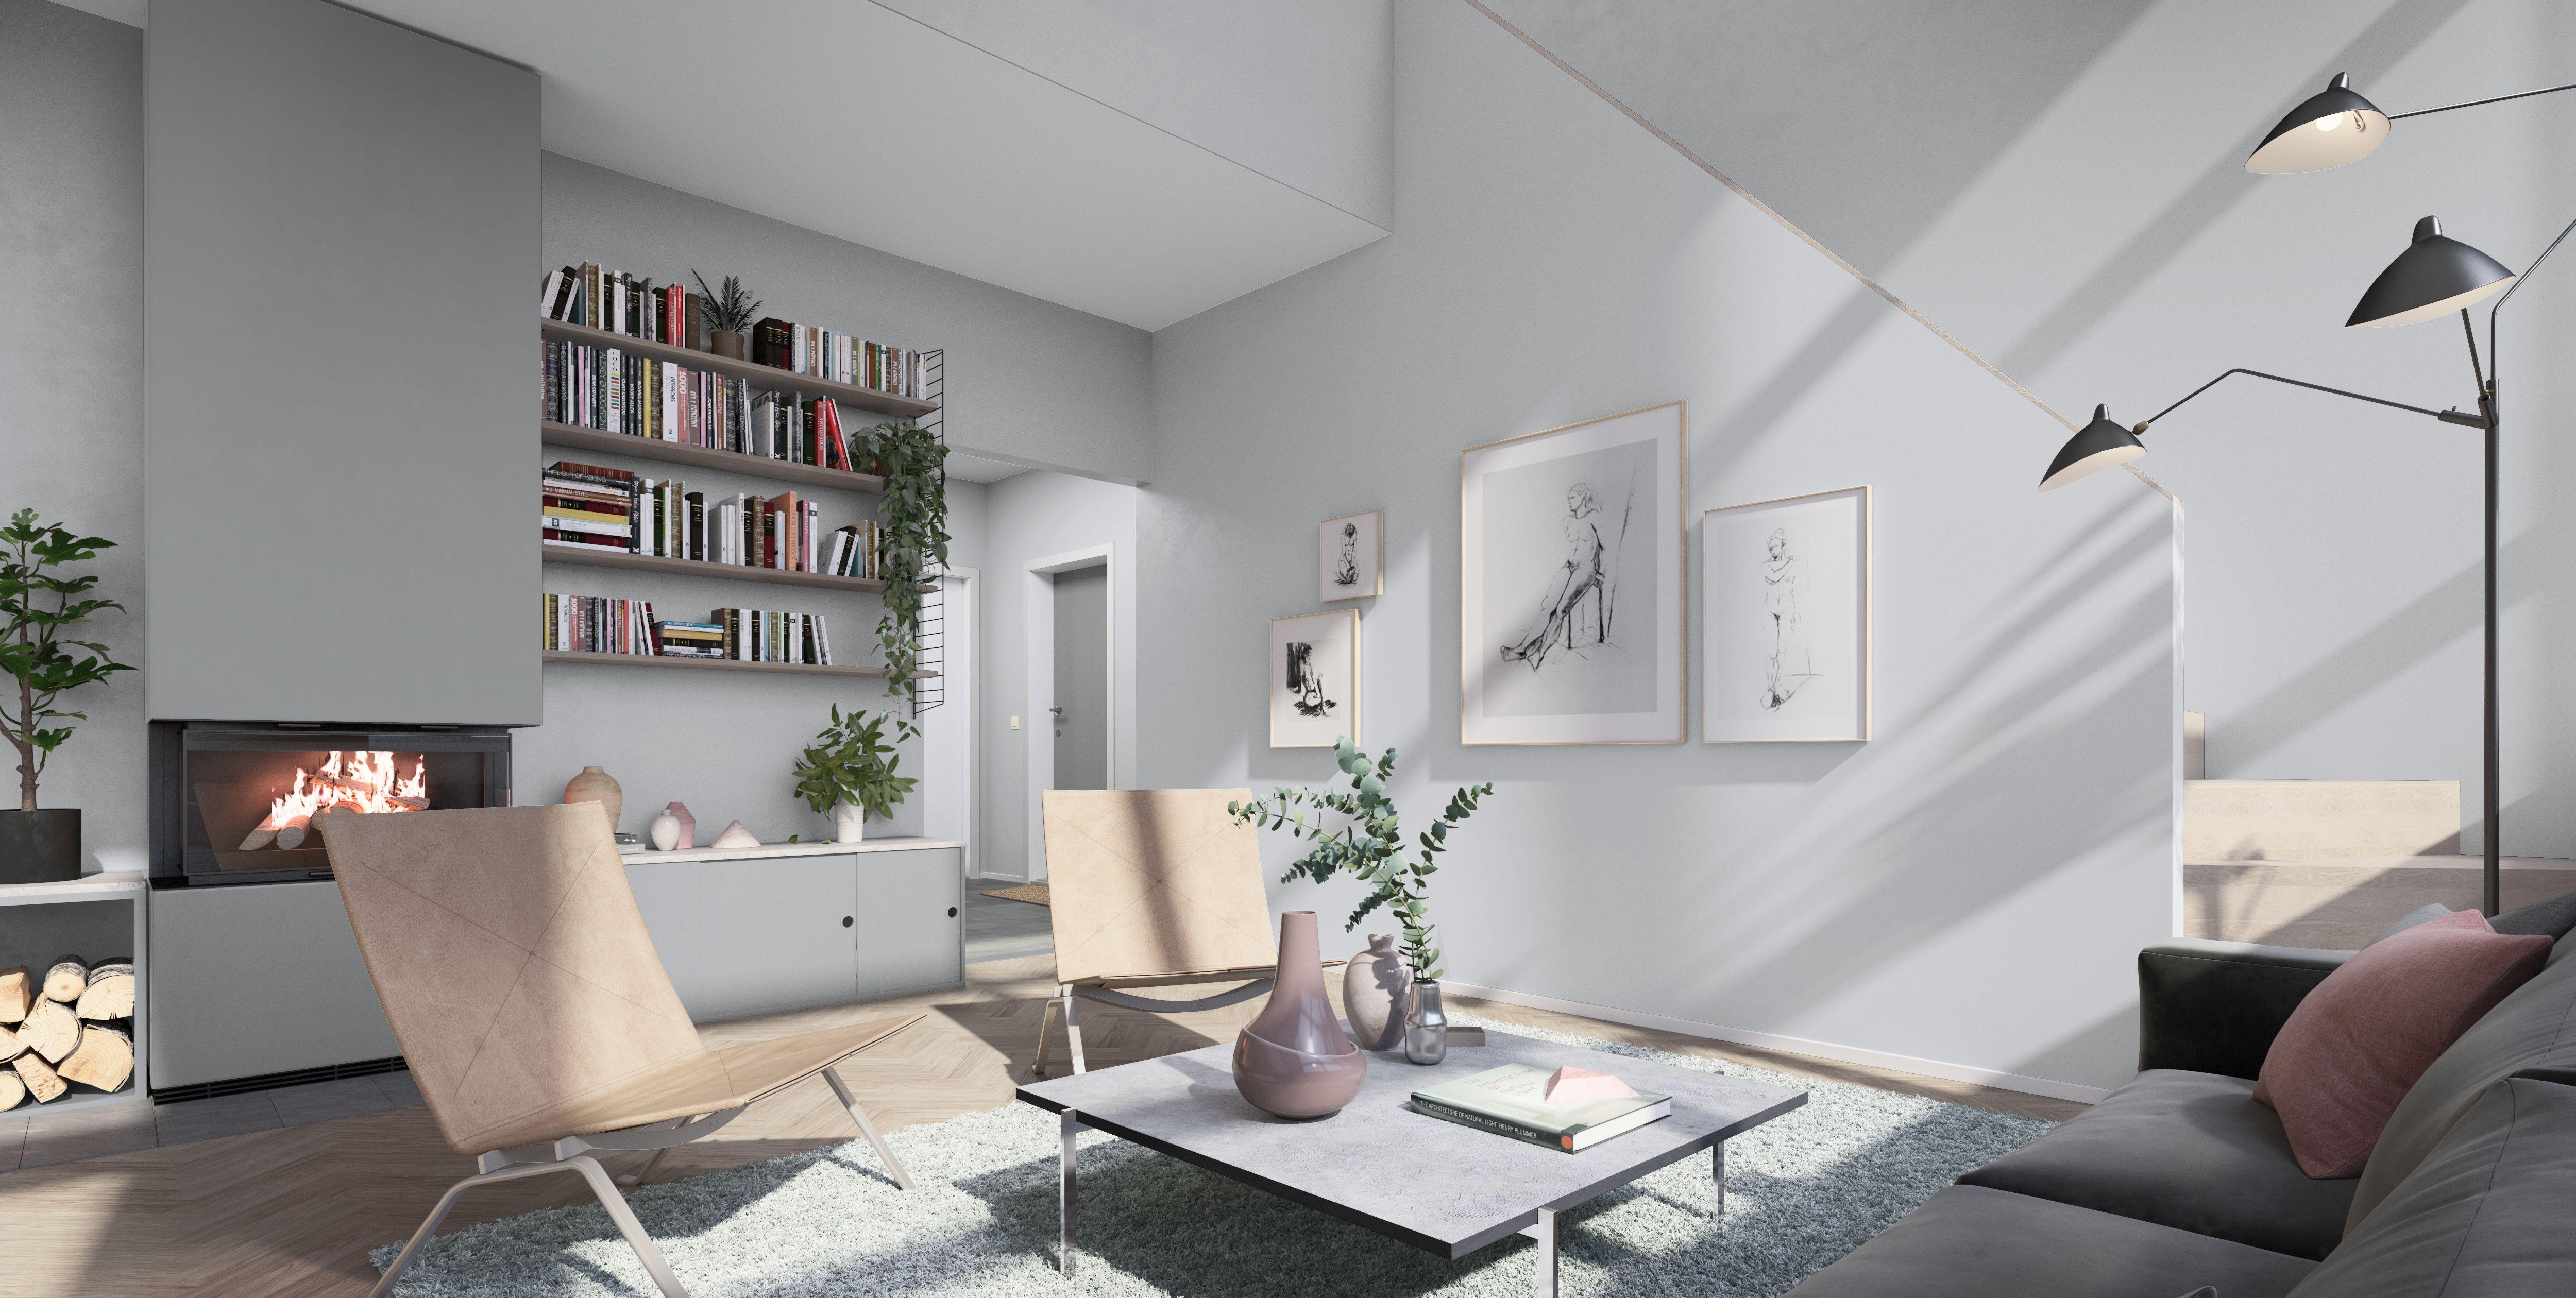 Ljusa hem och stolta hus i en urban oas I Edsviken planerar vi för exklusiva, miljöklassade bostadsrätter med allt du behöver alldeles runt hörnet. Här bygger vi för harmoni mellan arkitekturen och omgivningarna. Byggnader i naturliga material med högt i tak och rymliga privata utemiljöer. En stor, lummig gårdspark mellan huskropparna som kommer att bli en naturlig mötesplats …